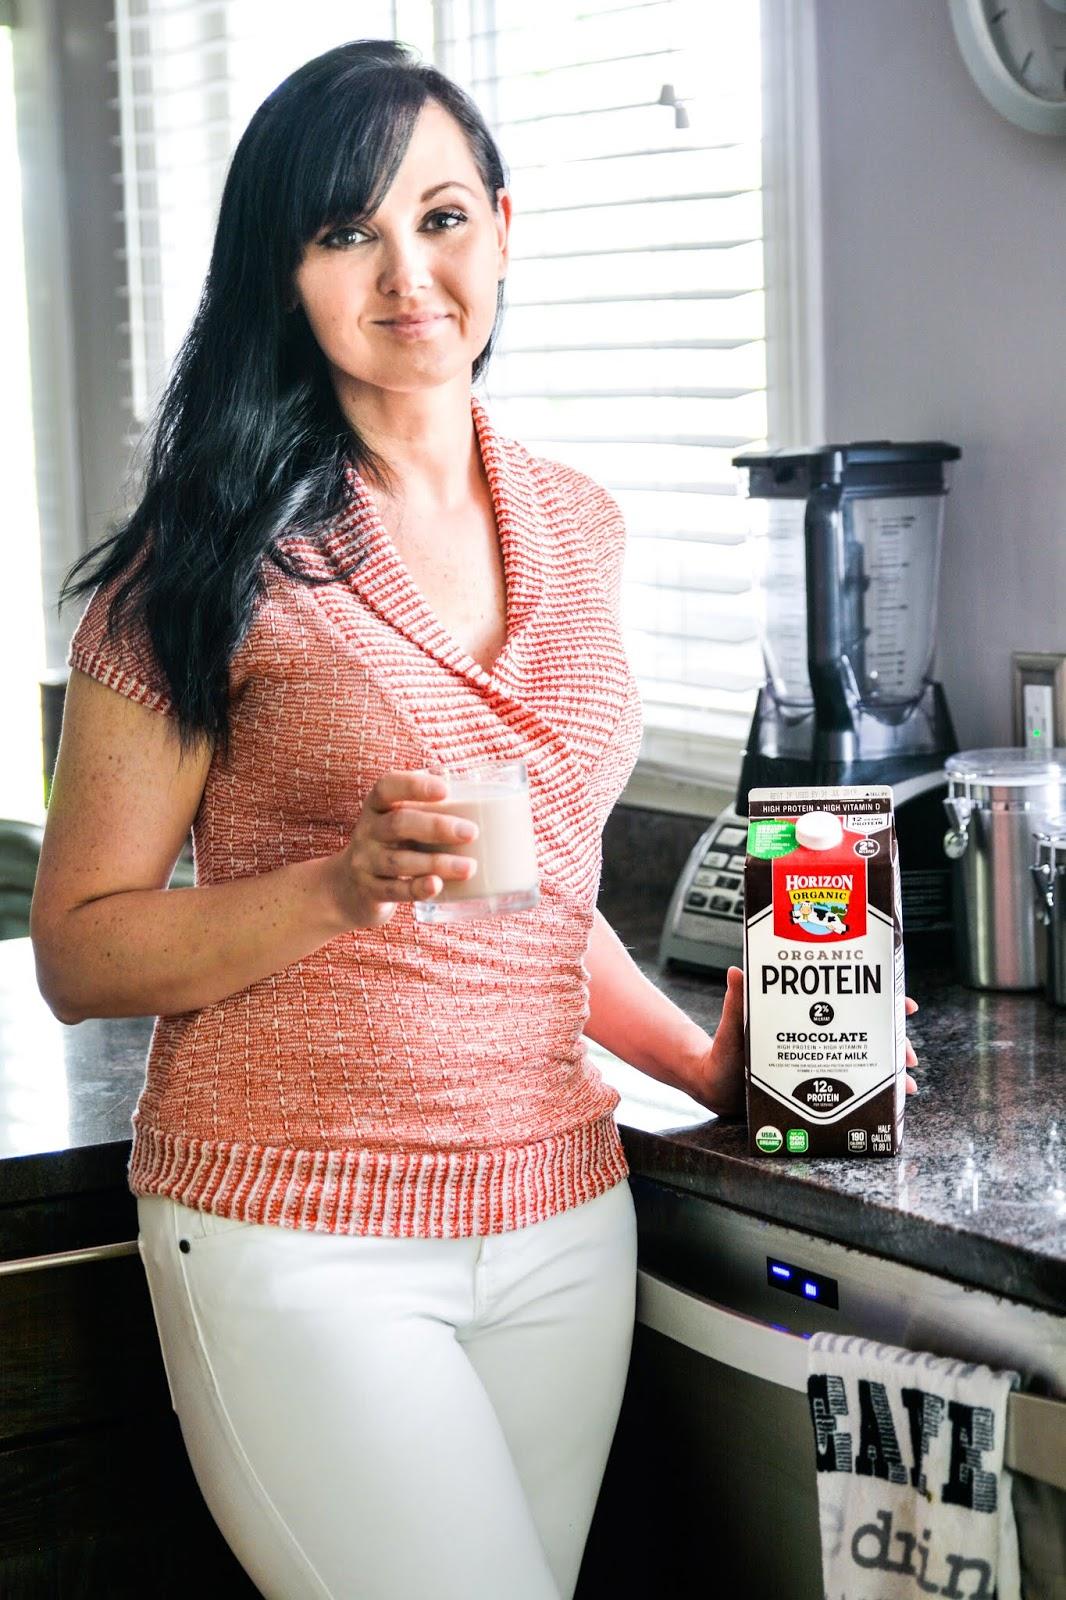 Horizon Organic Chocolate Protein Milk